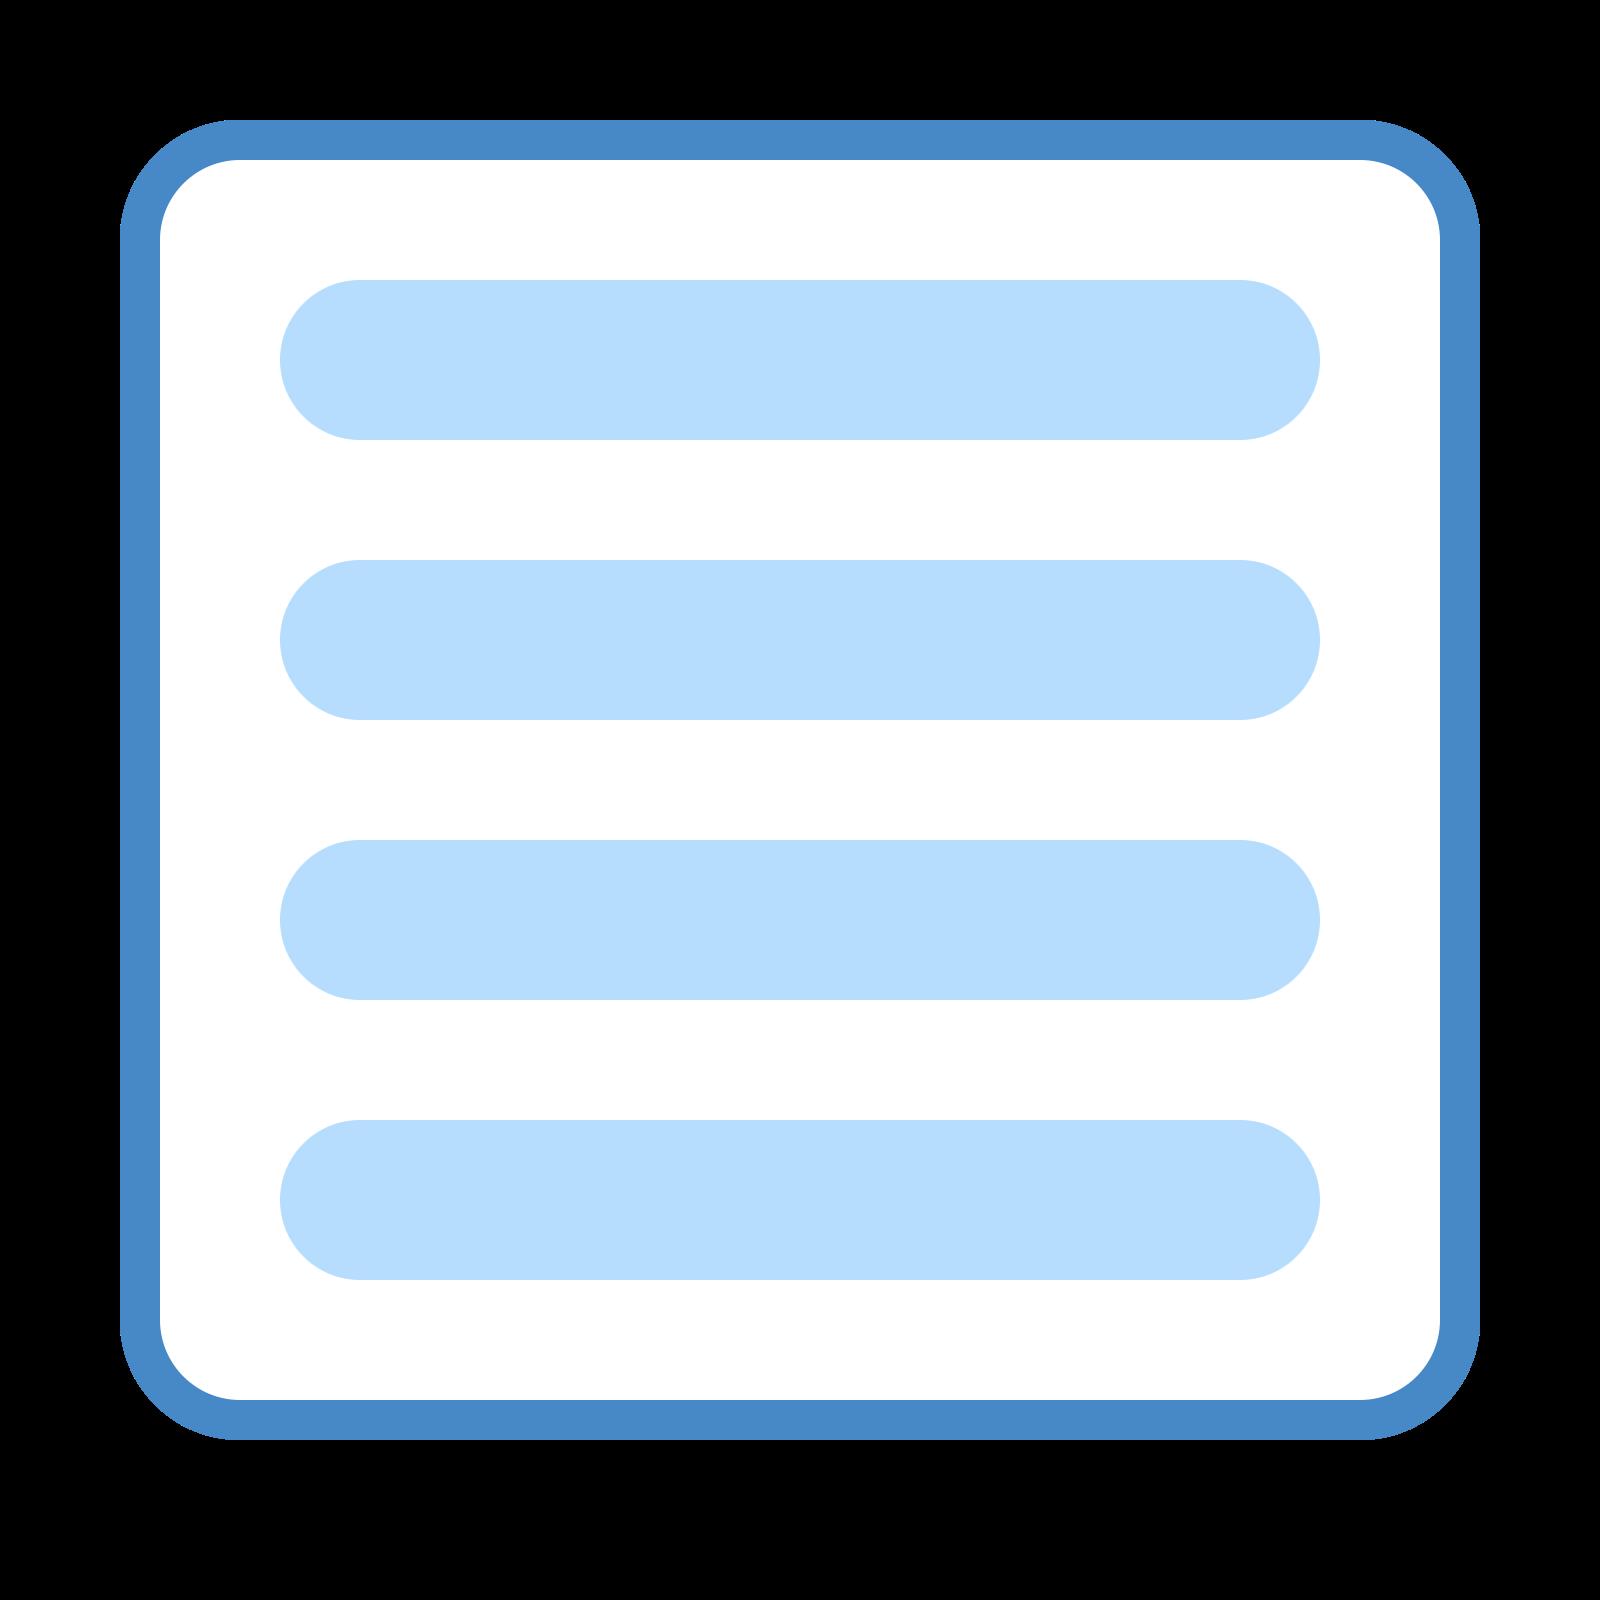 Kanał aktywności icon